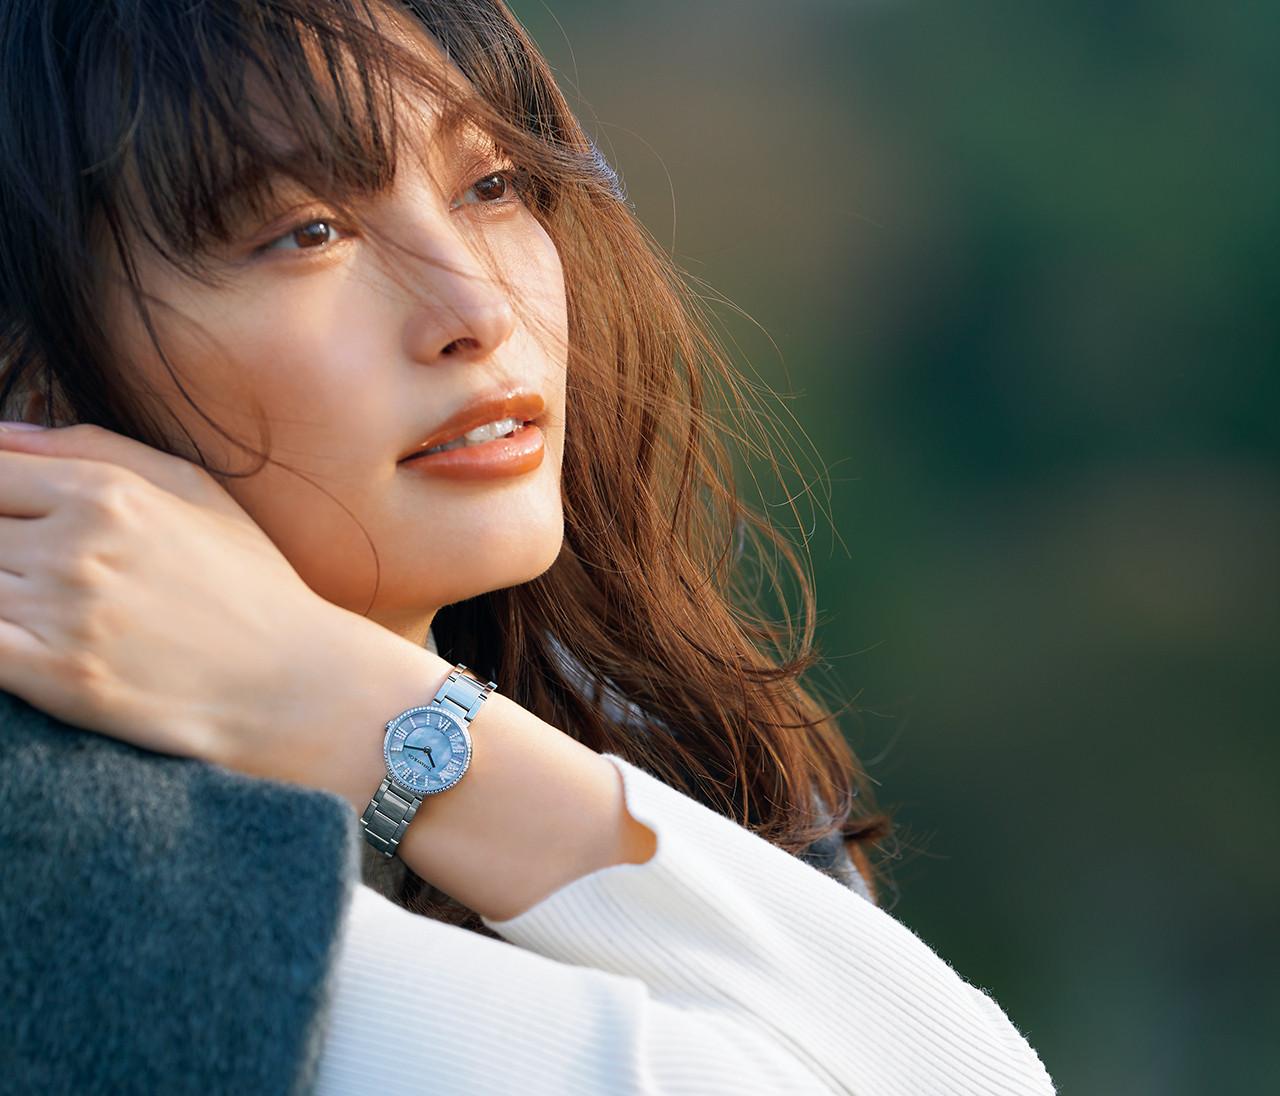 ティファニーで買う腕時計、今選ぶなら「アトラス ウォッチ」 【30代のブランドフォーカス】